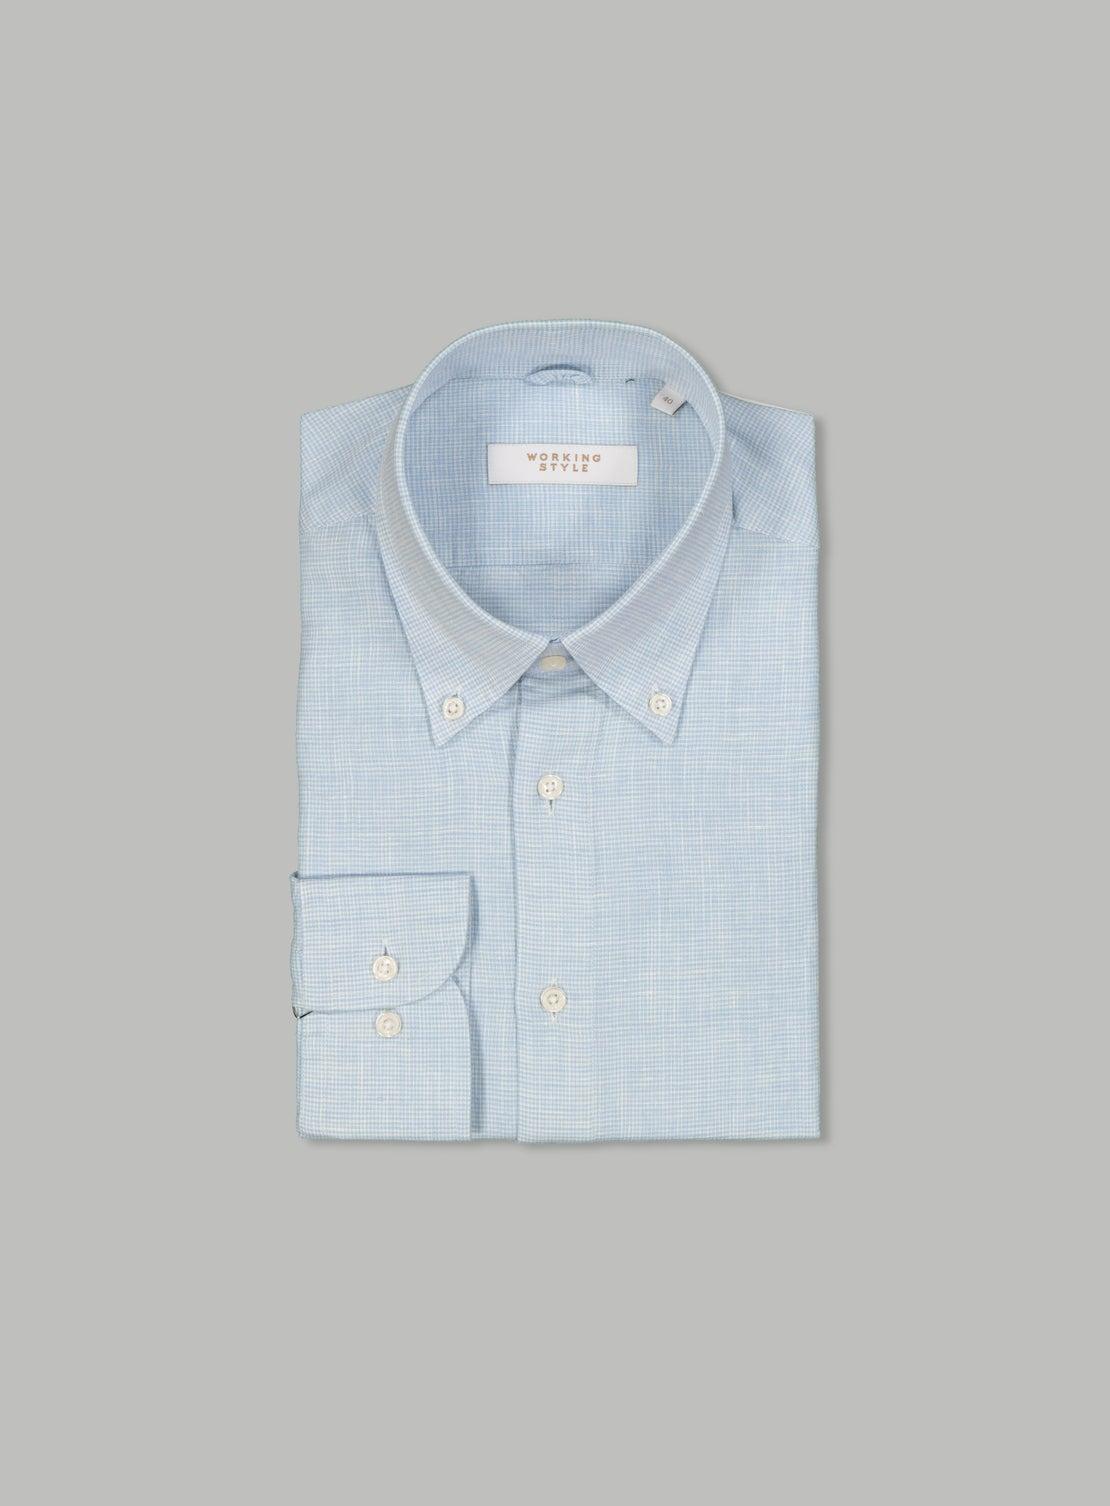 Alberto Blue Linen Shirt